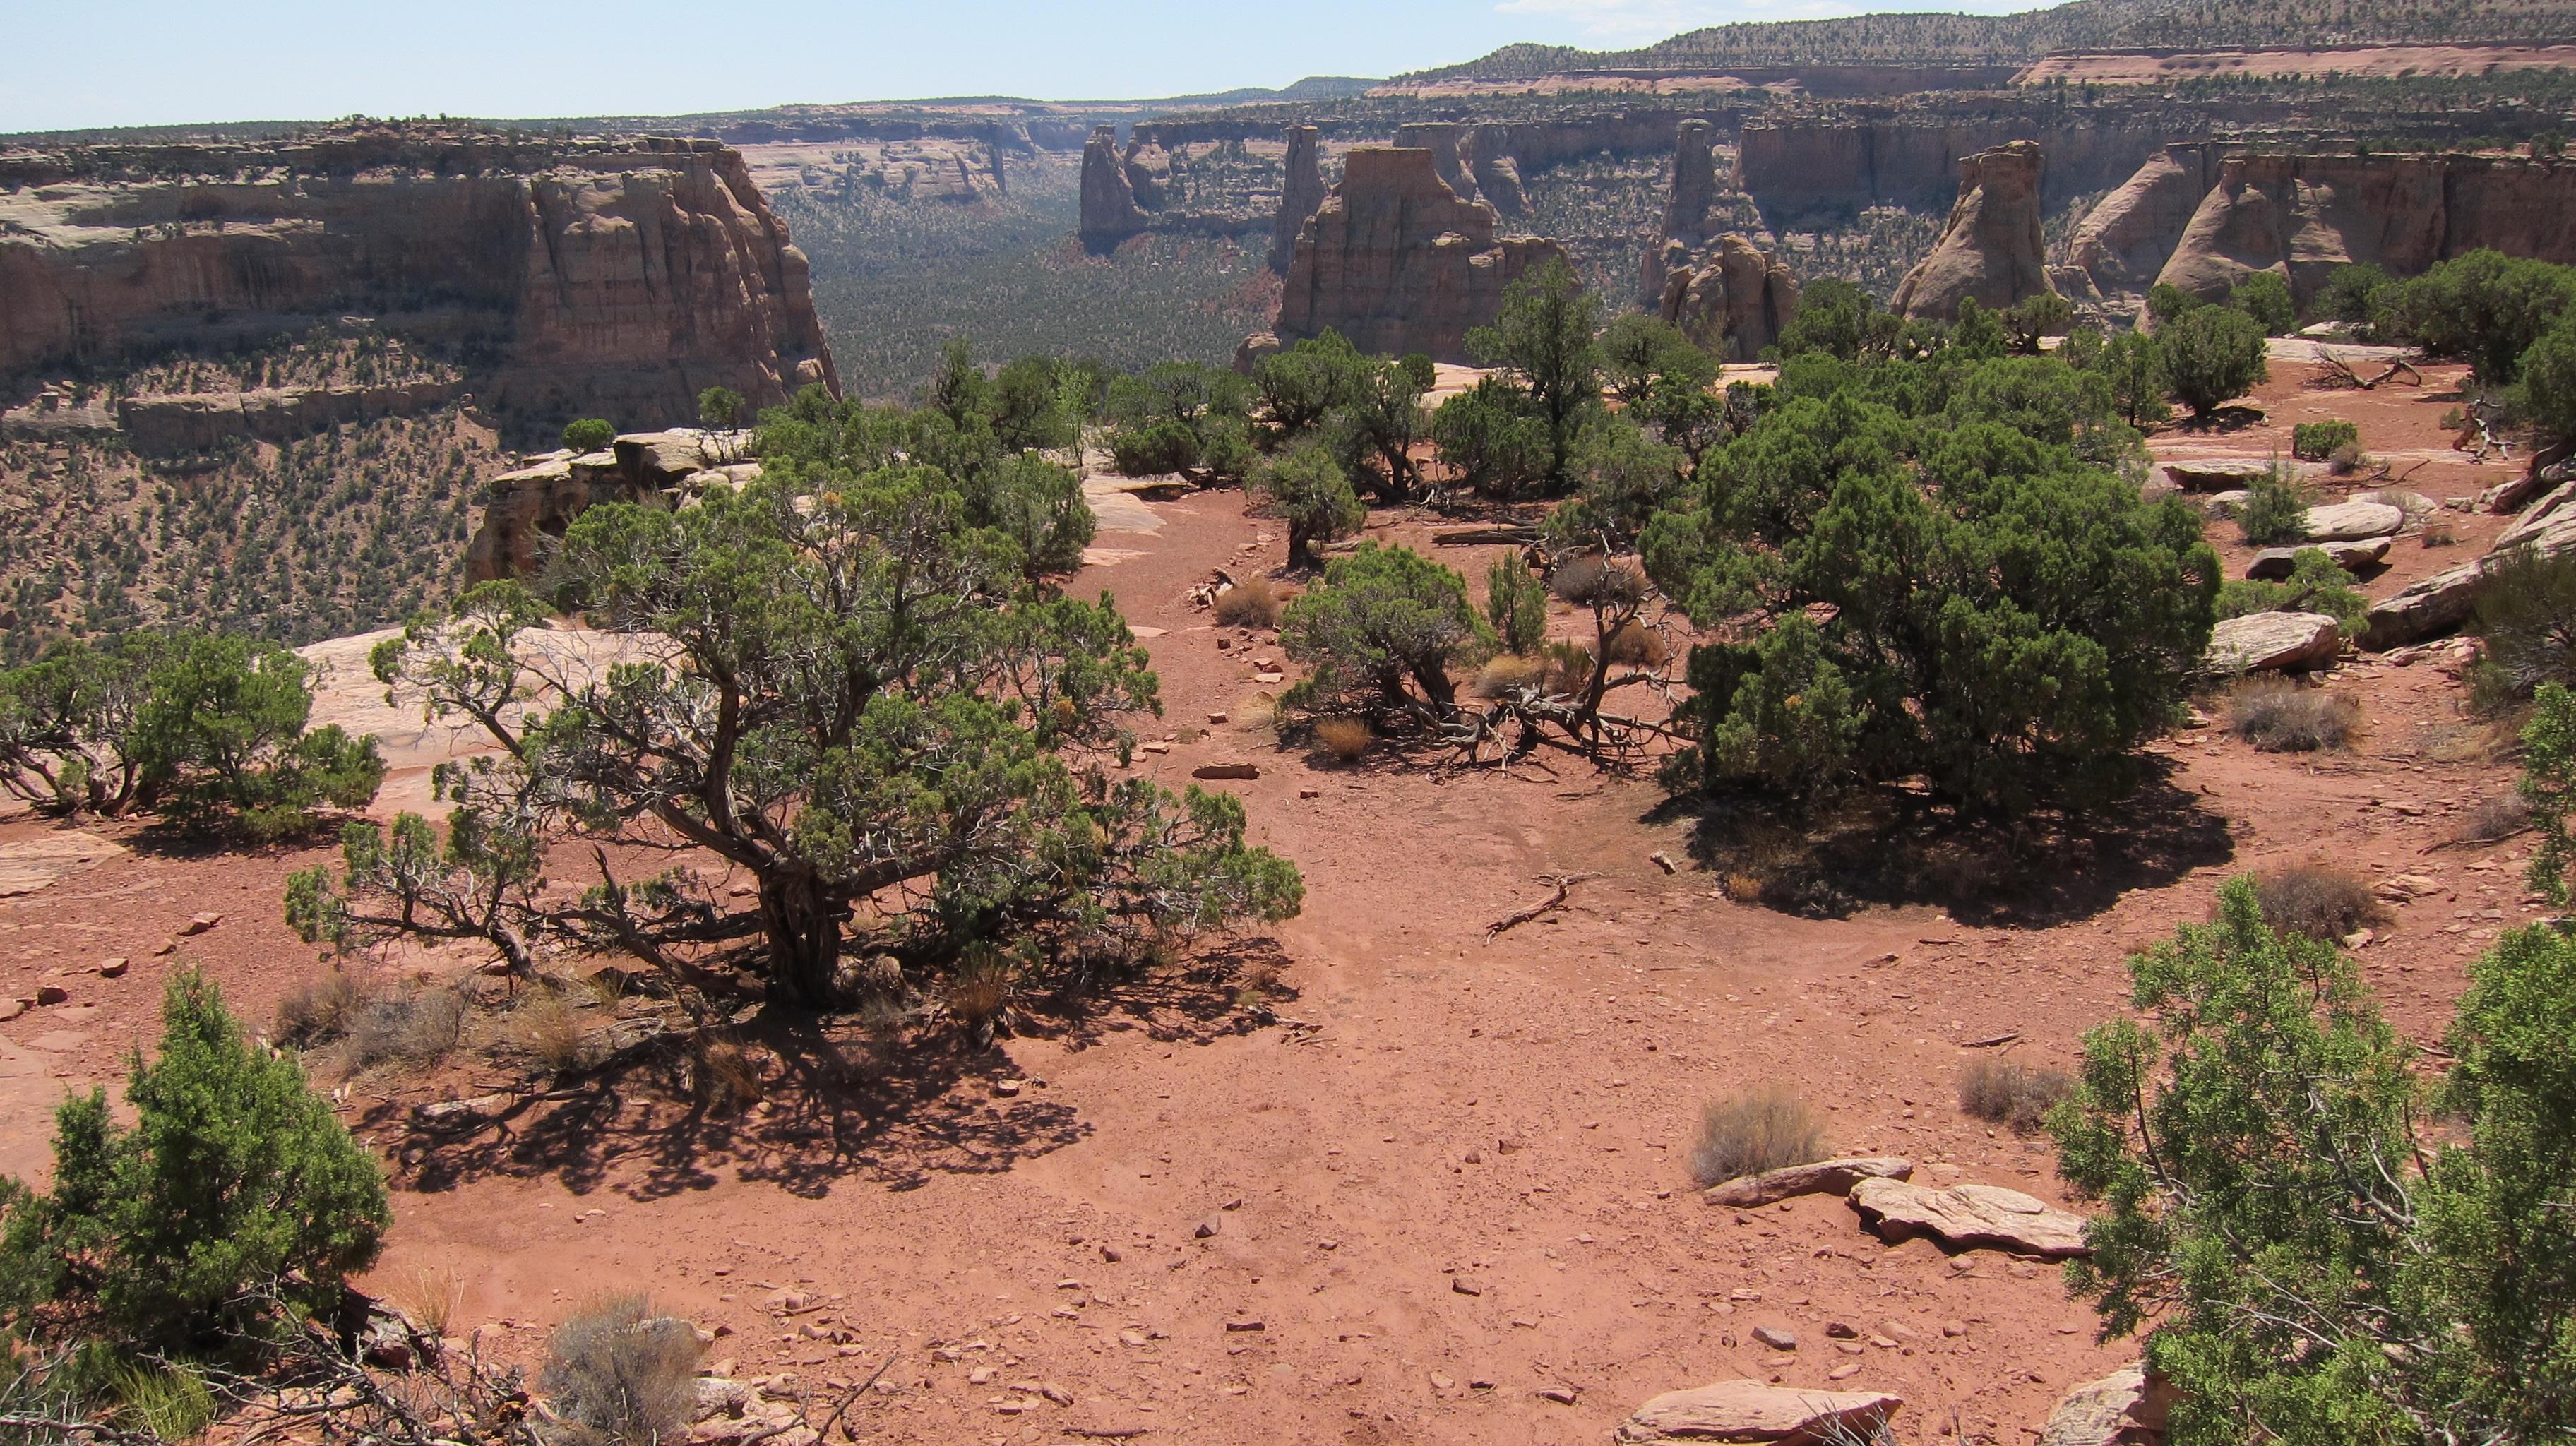 Book Cliffs Geology Book Cliffs View 1